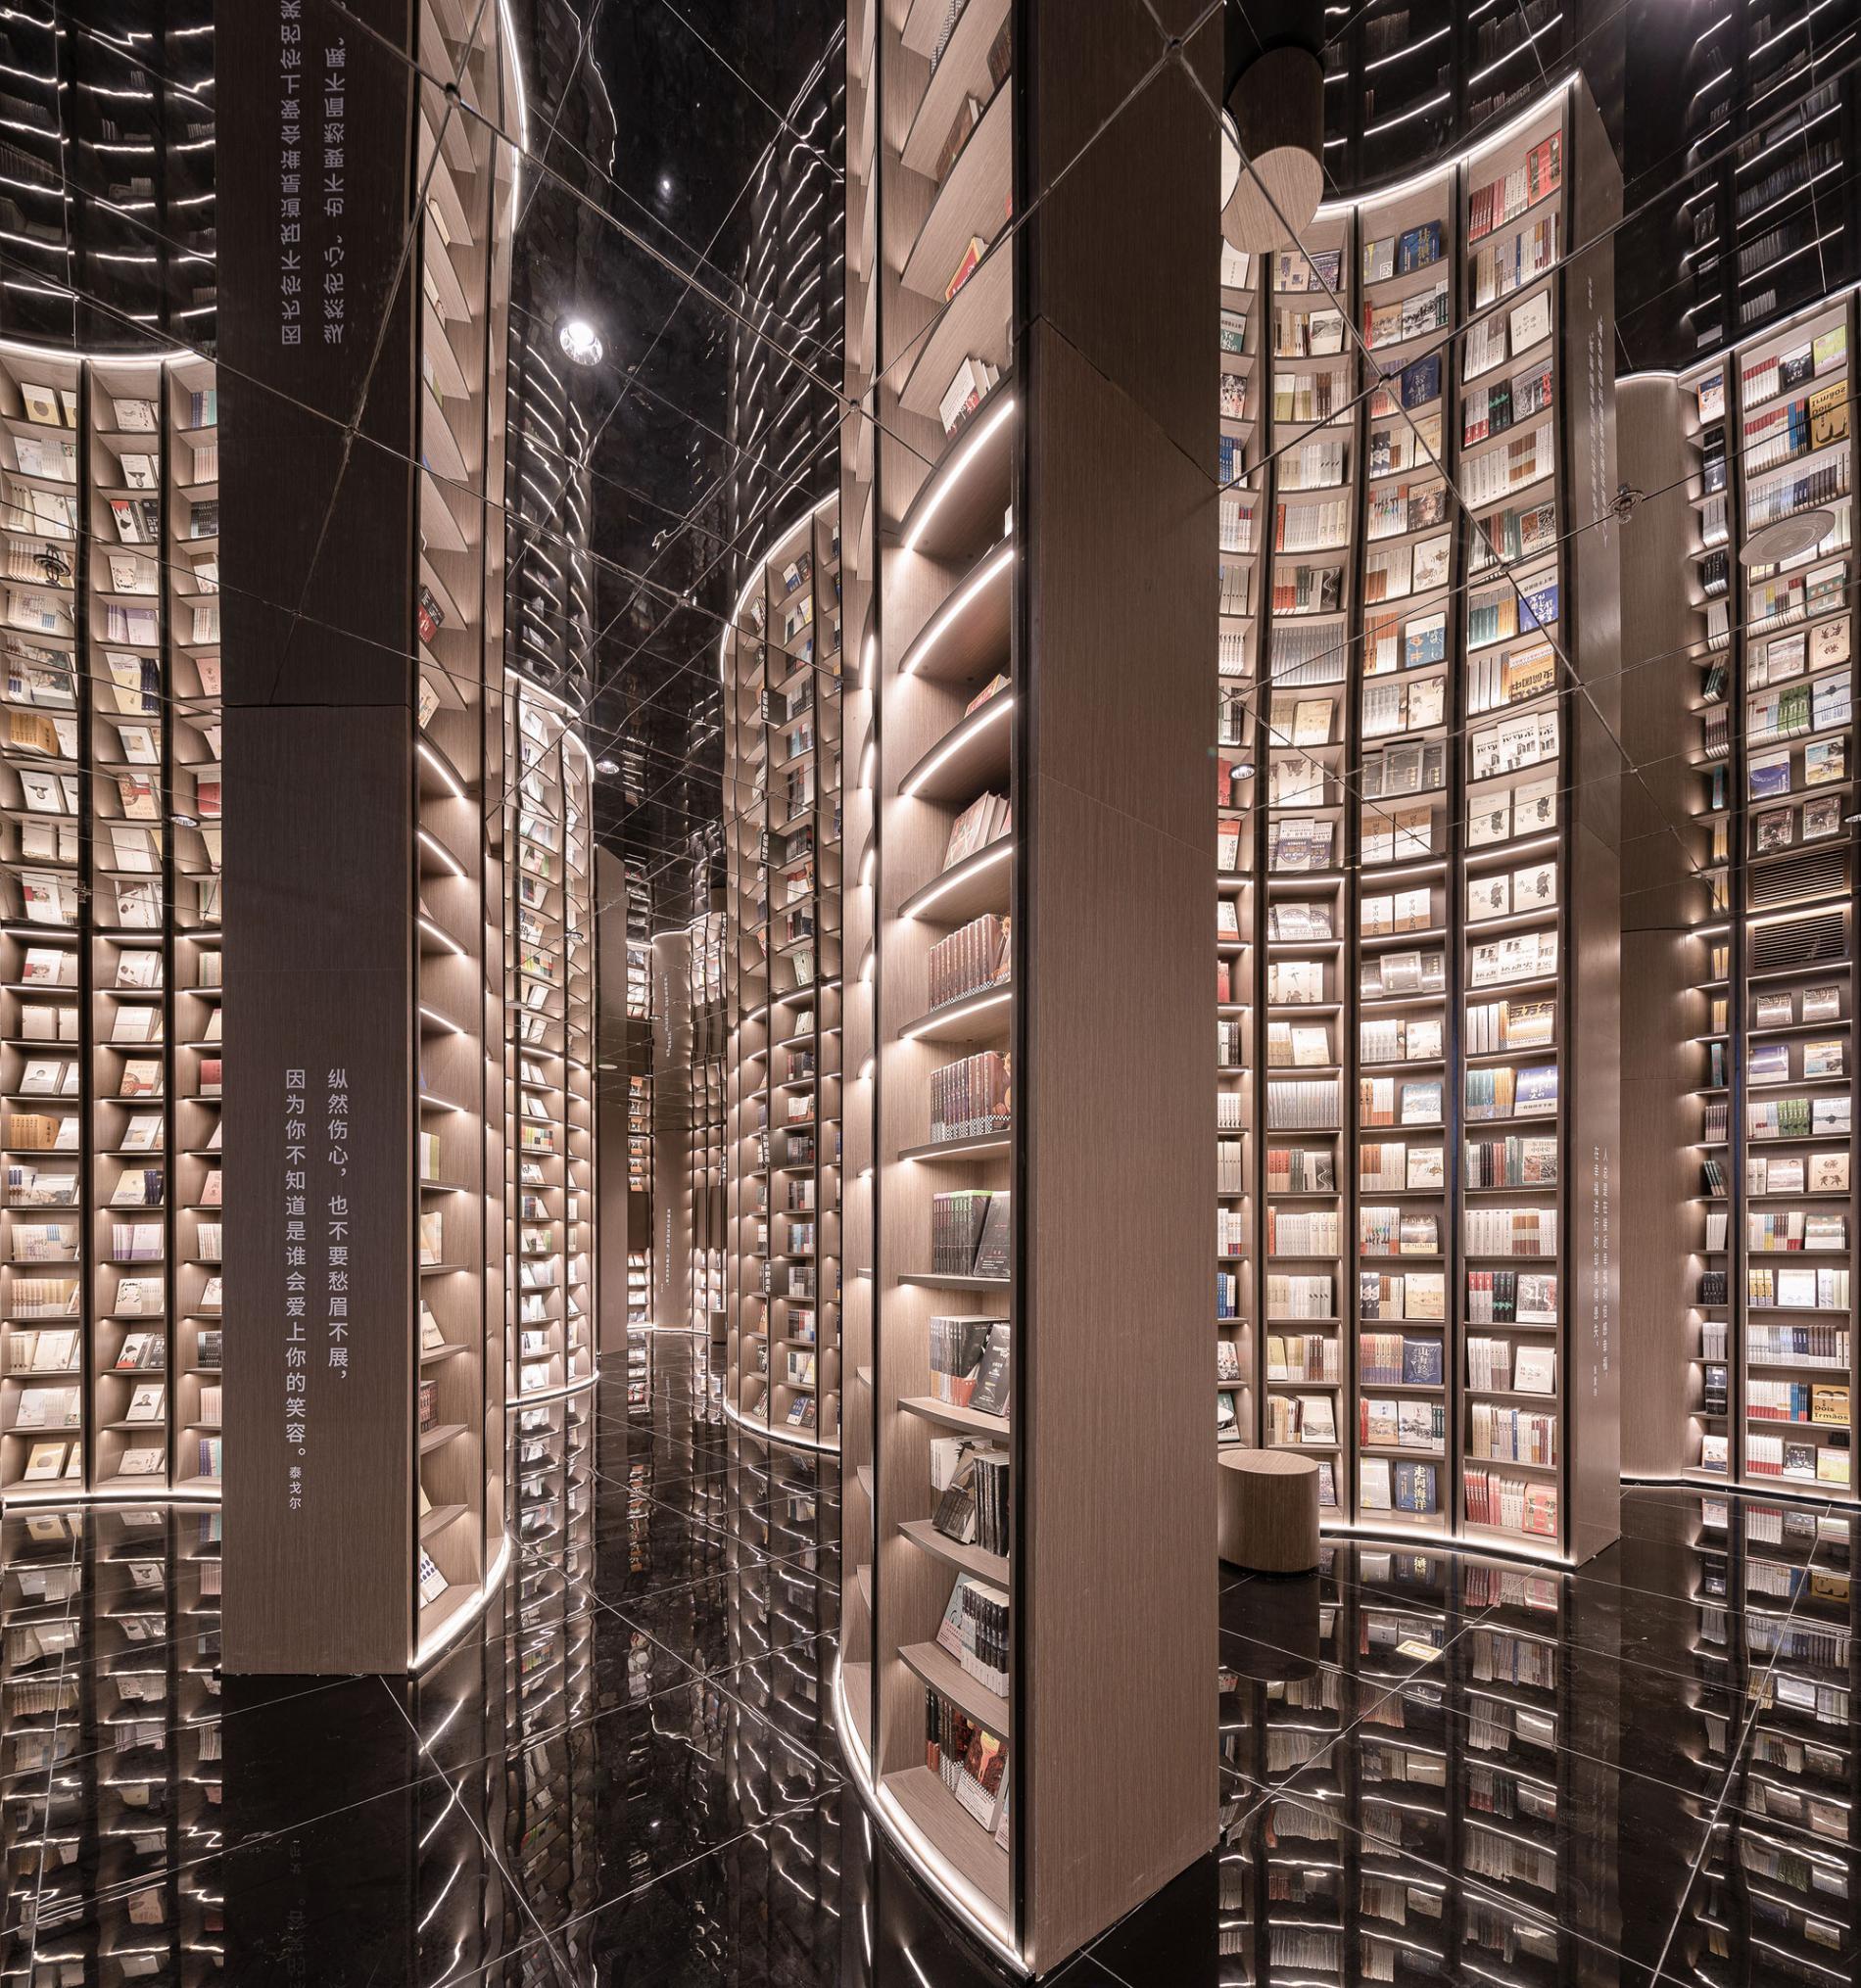 mc libreria estanterias